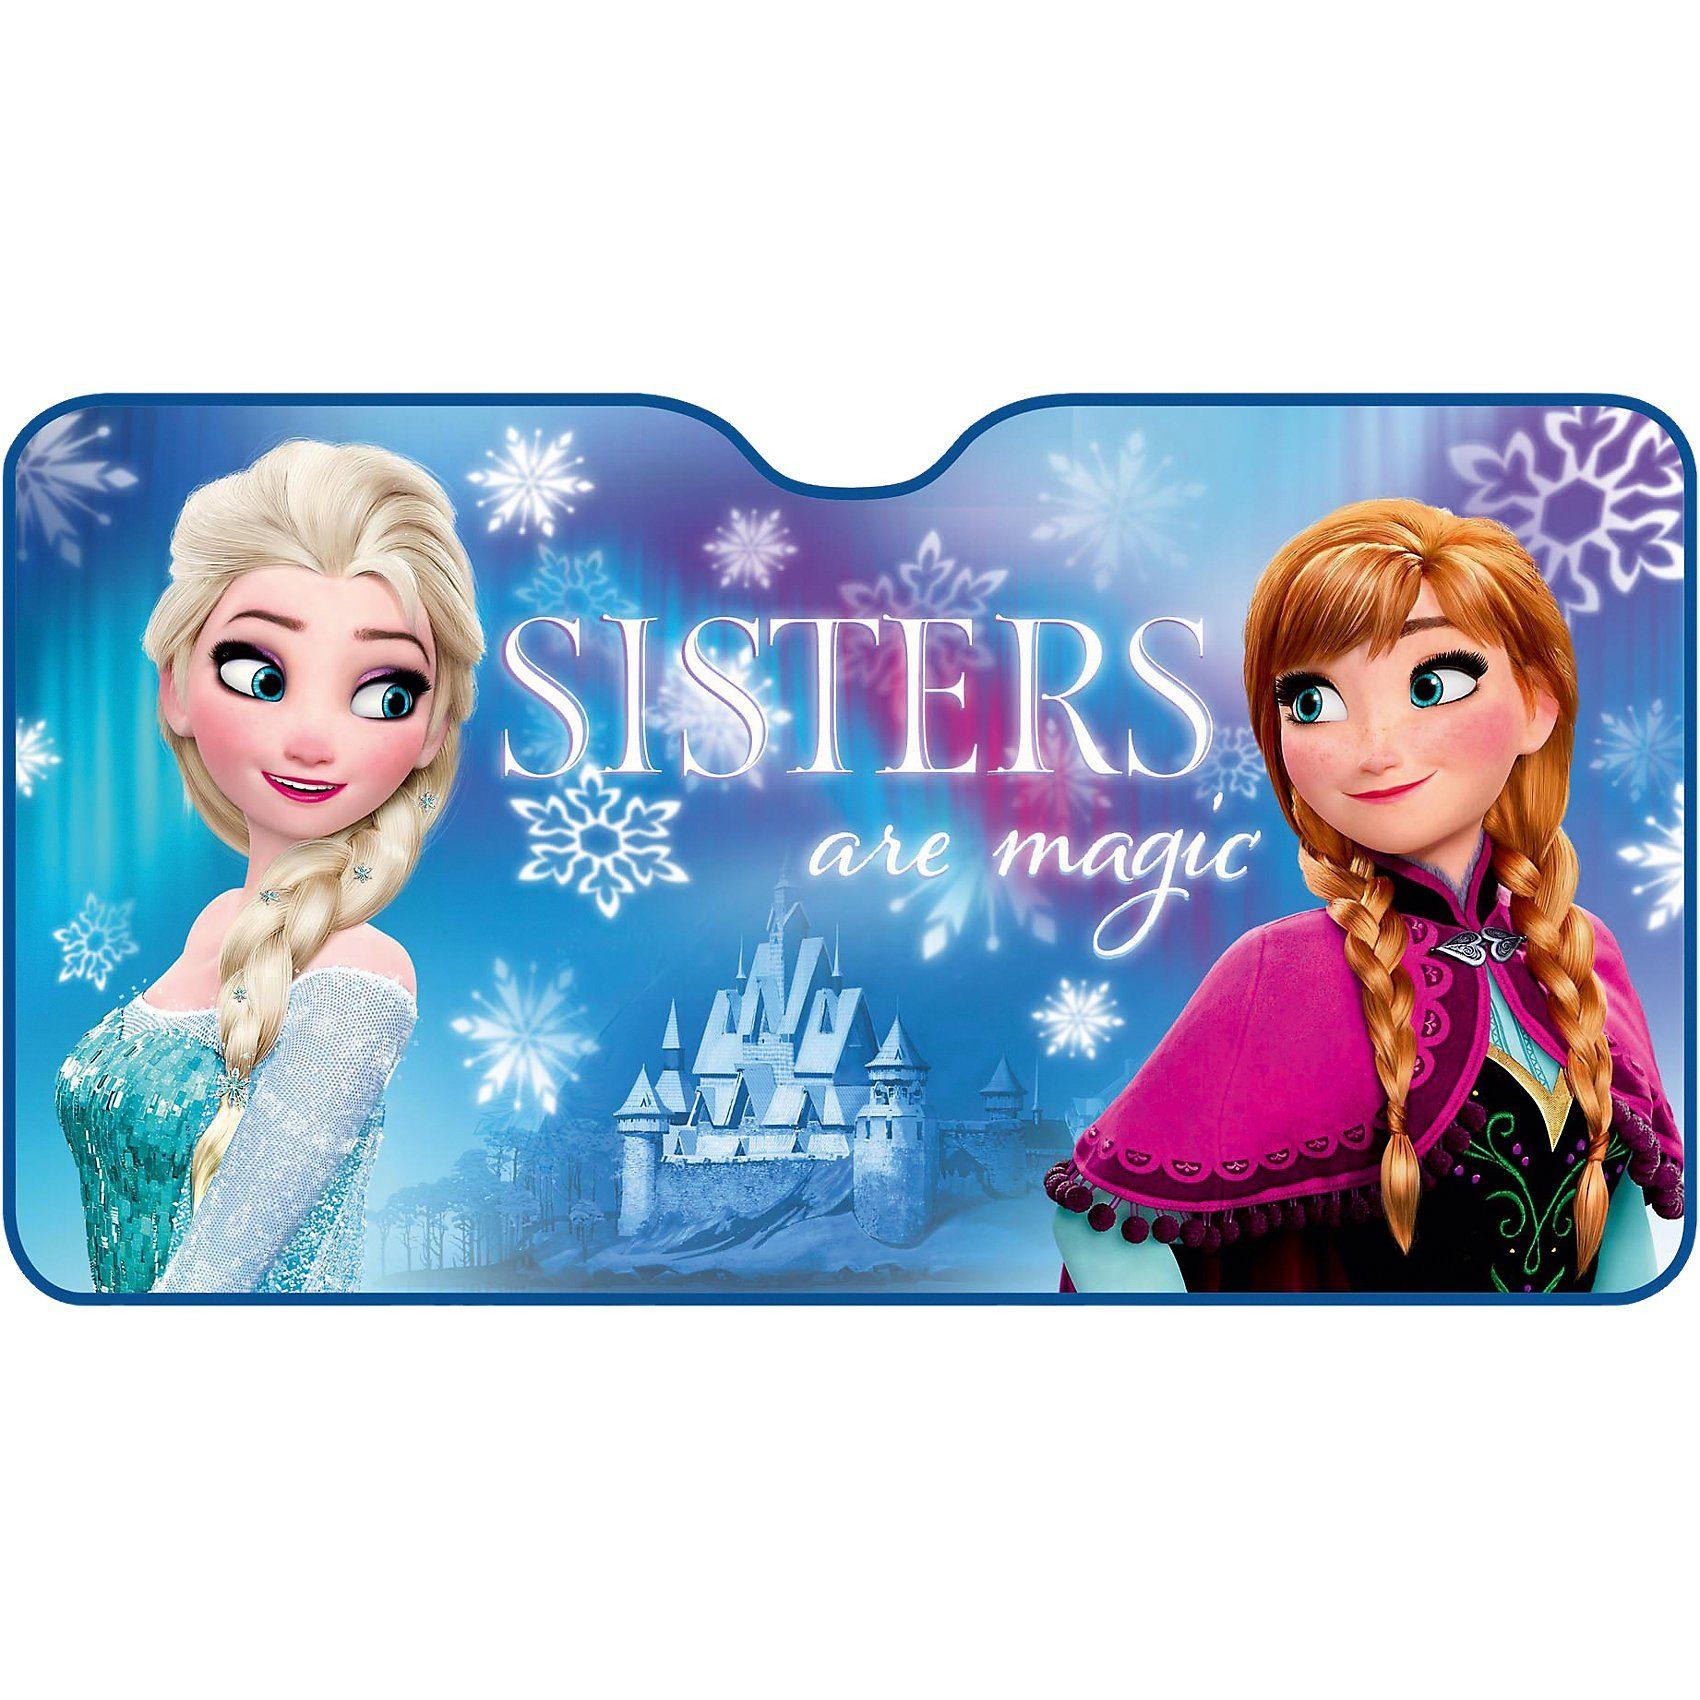 ProType Sonnenschutz für die Frontscheibe, Die Eiskönigin (Frozen)